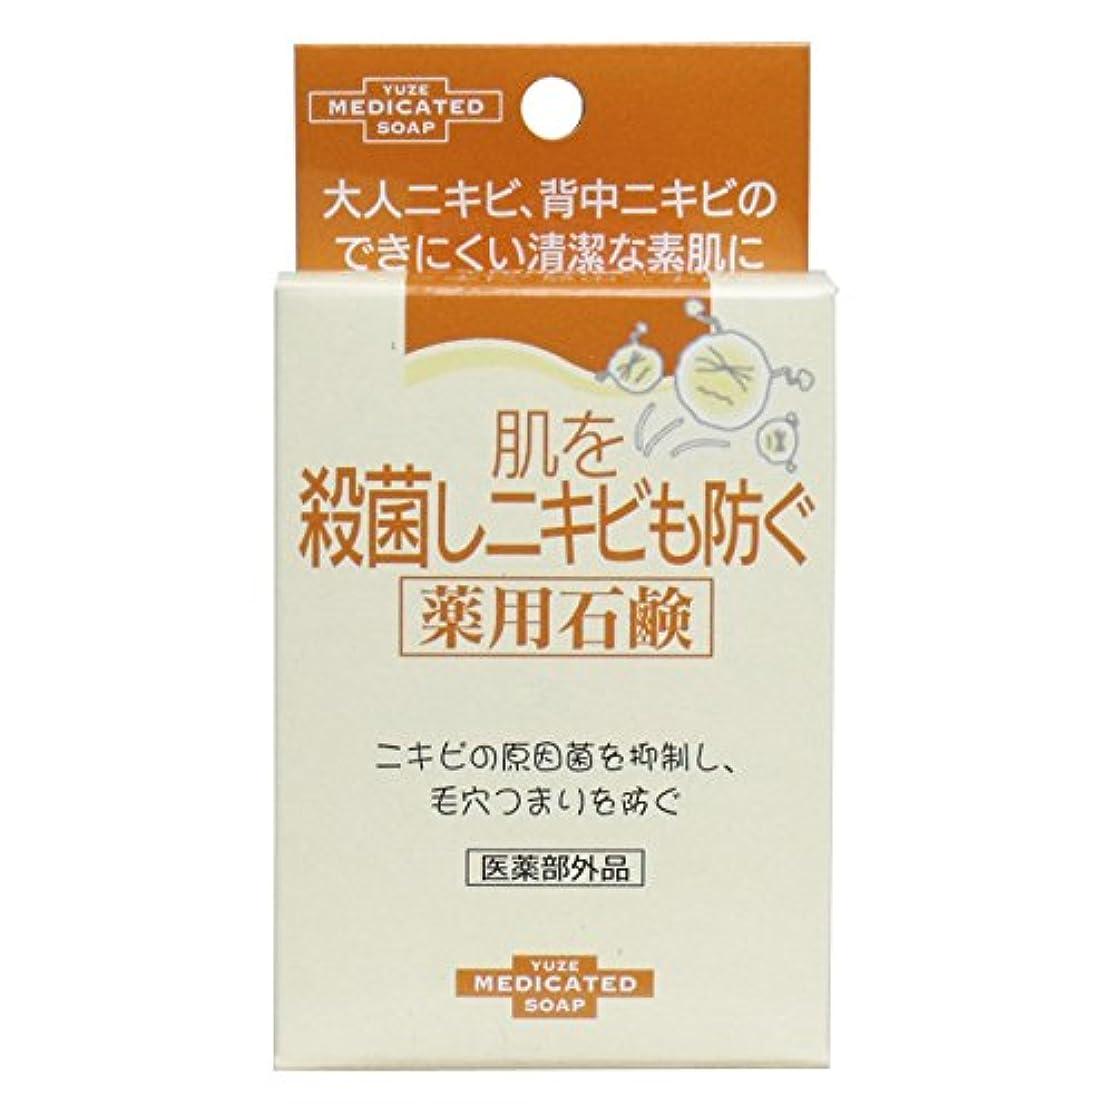 マインド適用するスーツユゼ 肌を殺菌しニキビも防ぐ薬用石鹸 (110g)